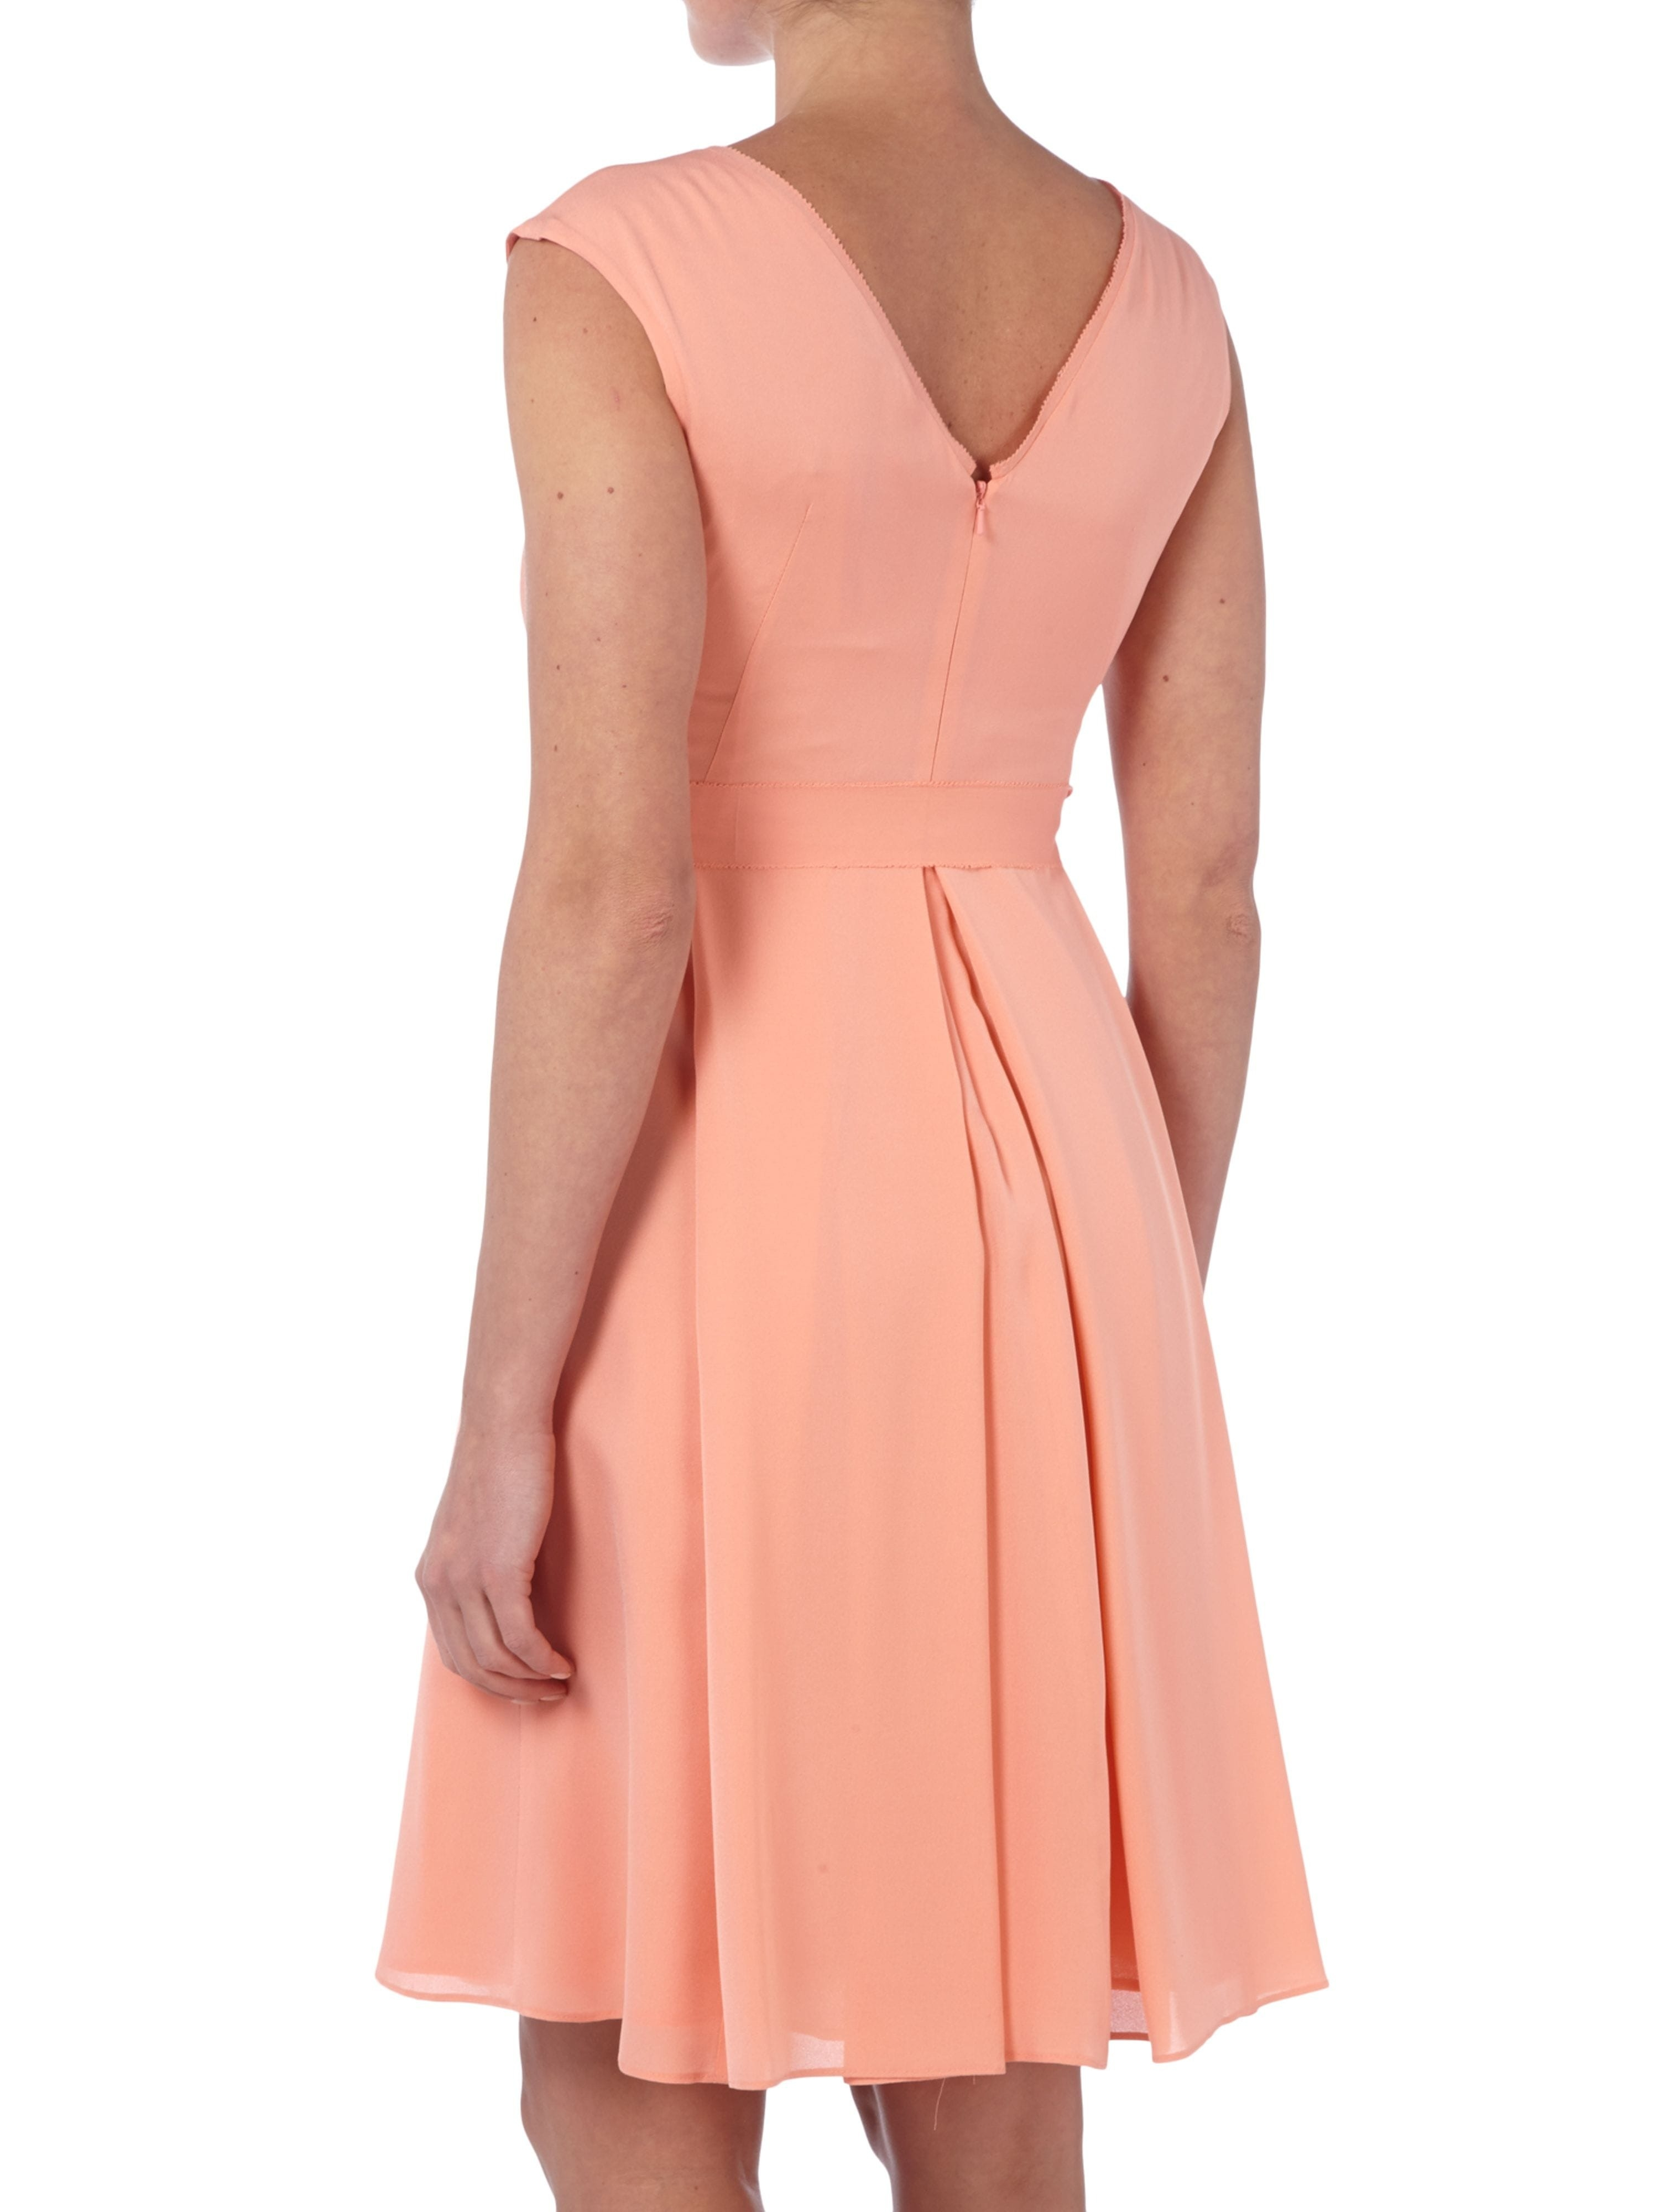 10 Ausgezeichnet Kleid Lachs Spezialgebiet20 Schön Kleid Lachs Bester Preis